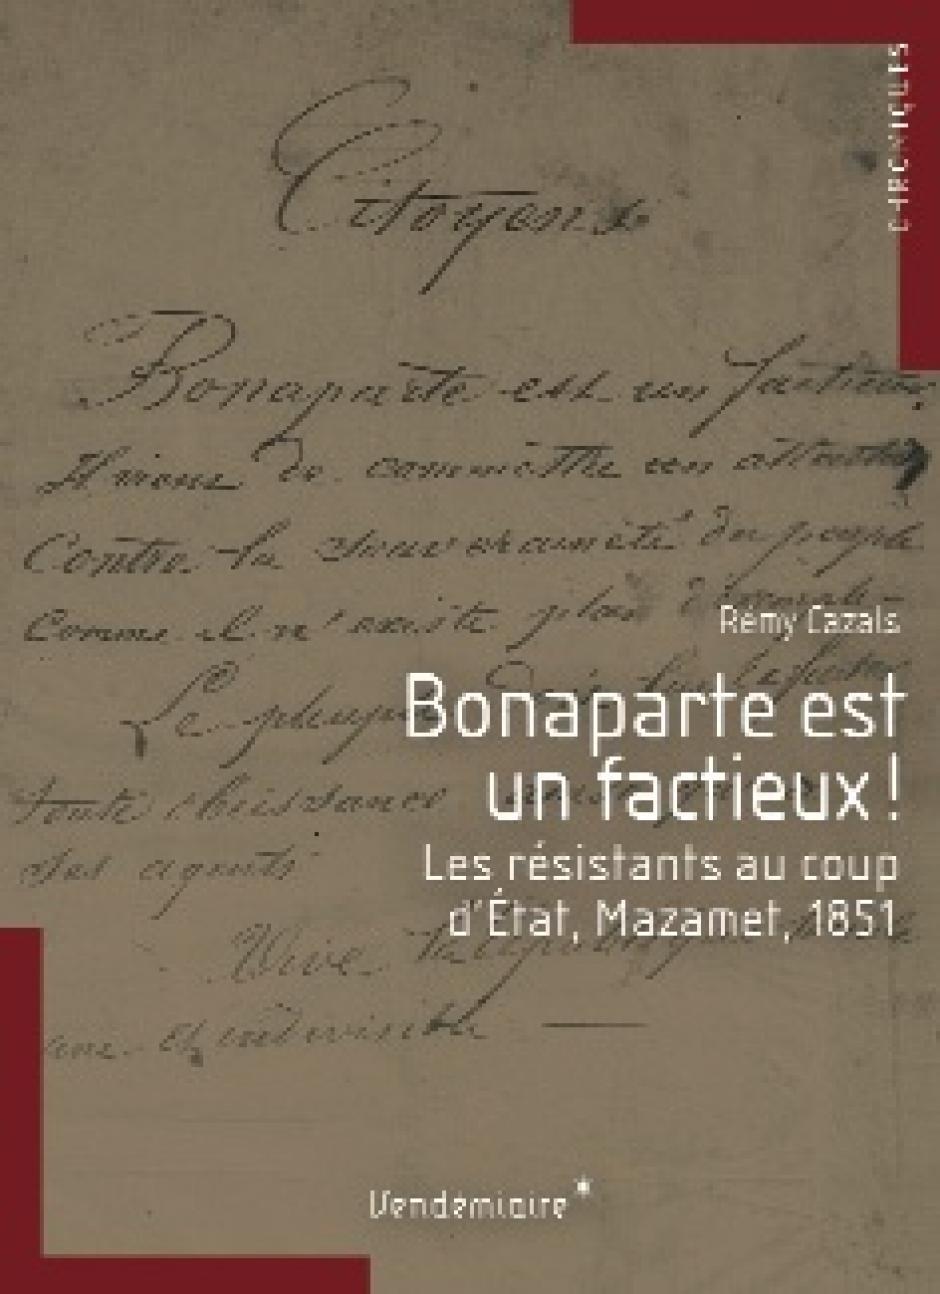 Bonaparte est un factieux ! Rémy Cazals